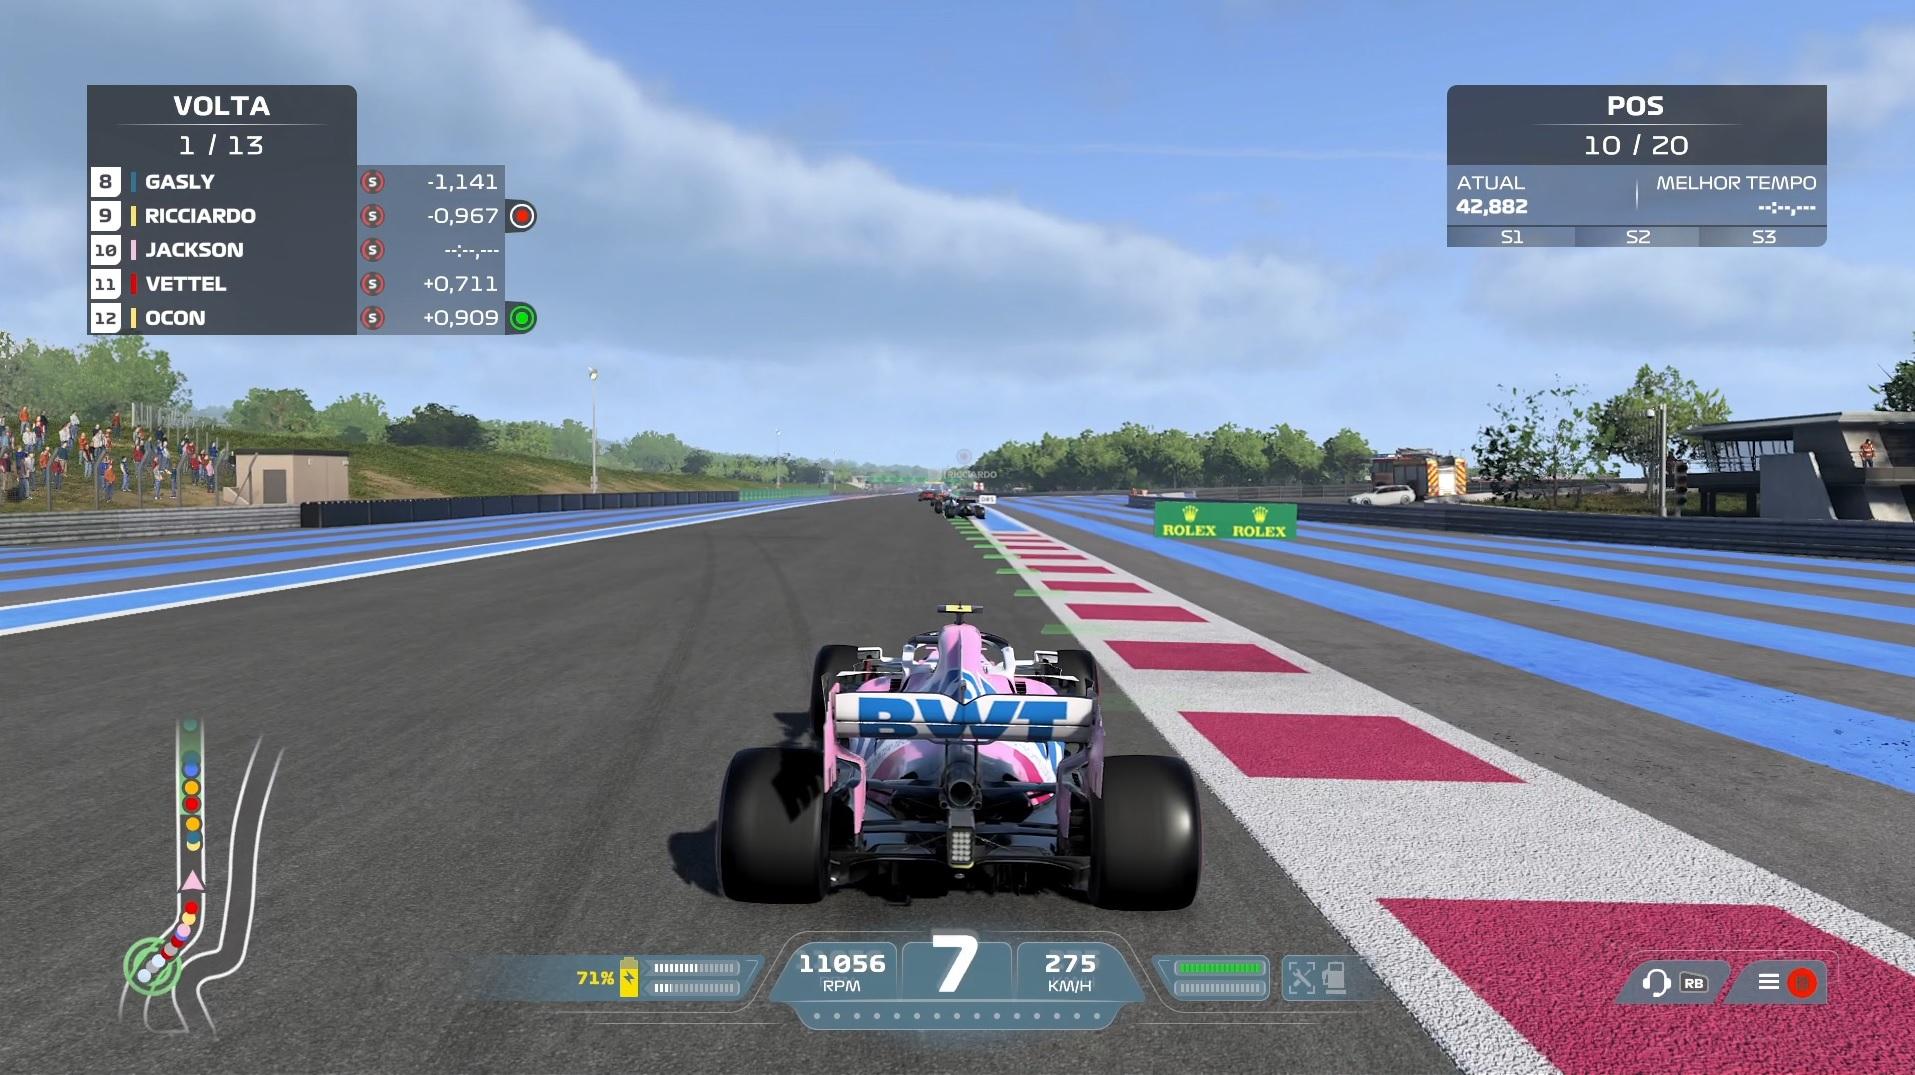 Jogabilidade de F1 2021 continua impecável